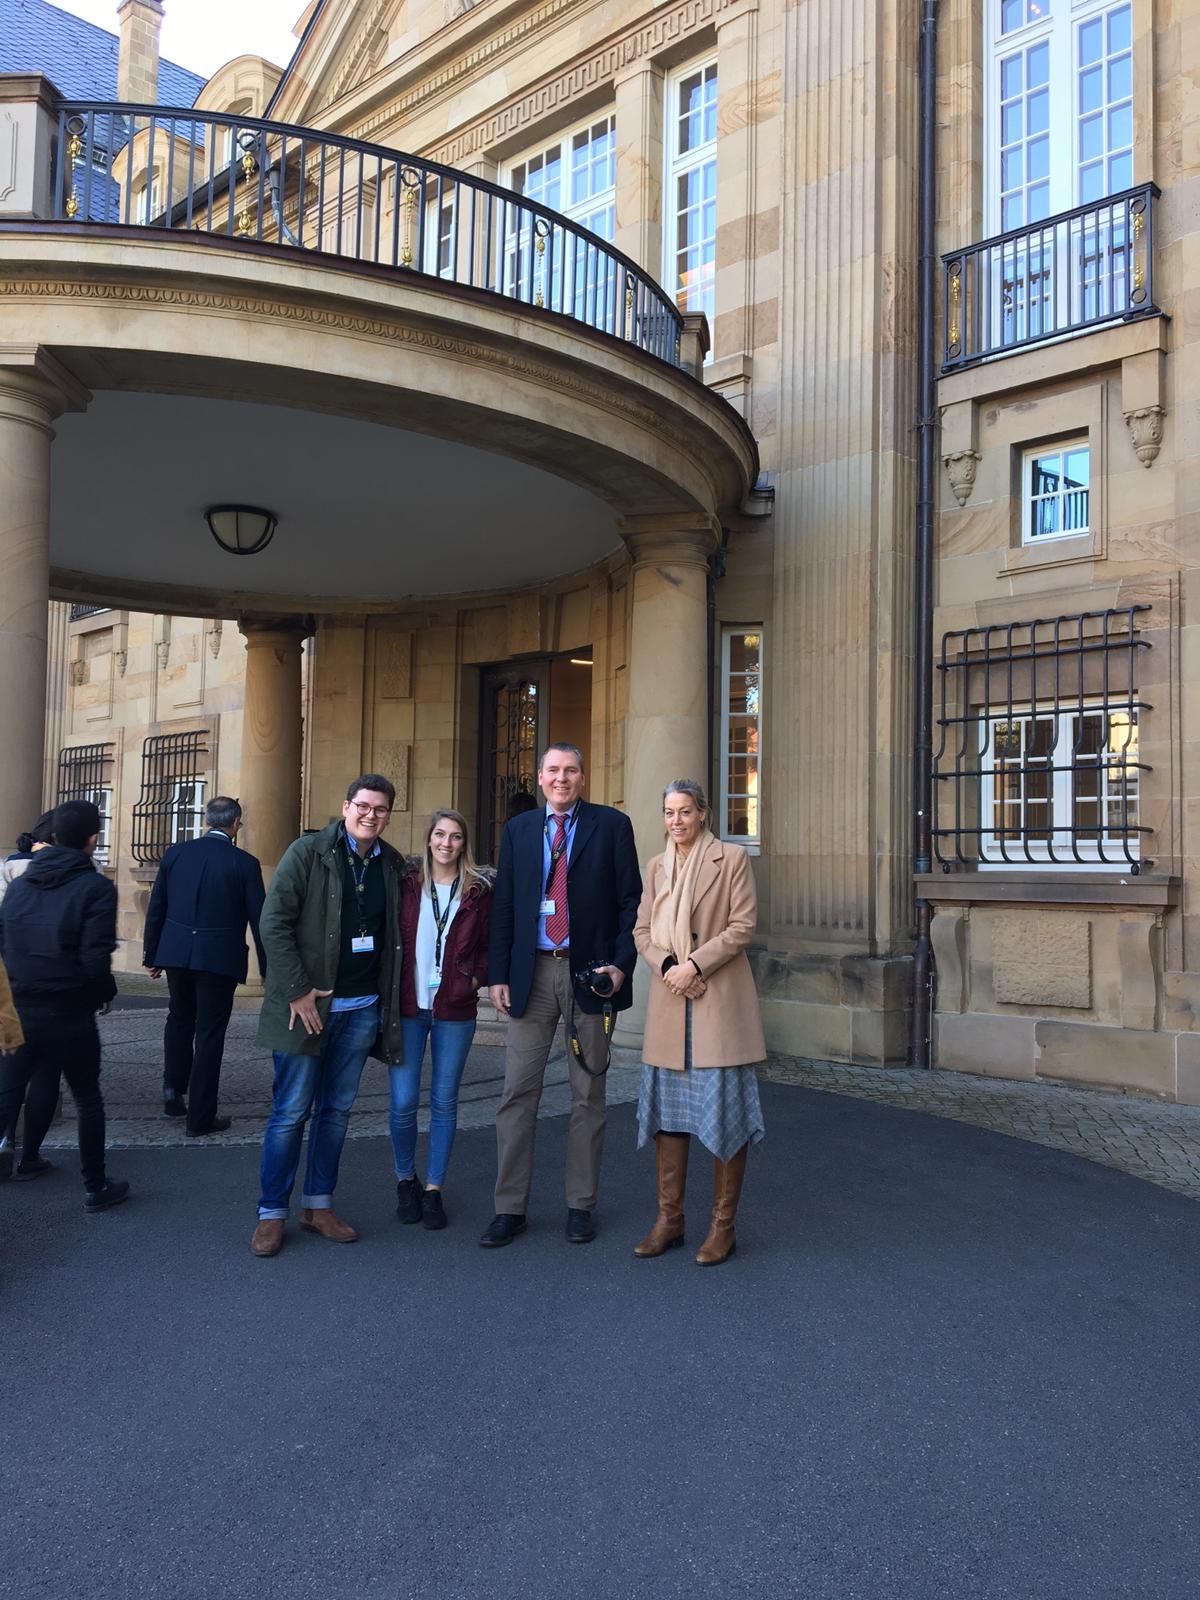 Besichtigung der Villa Reitzenstein (Staatsministerium)